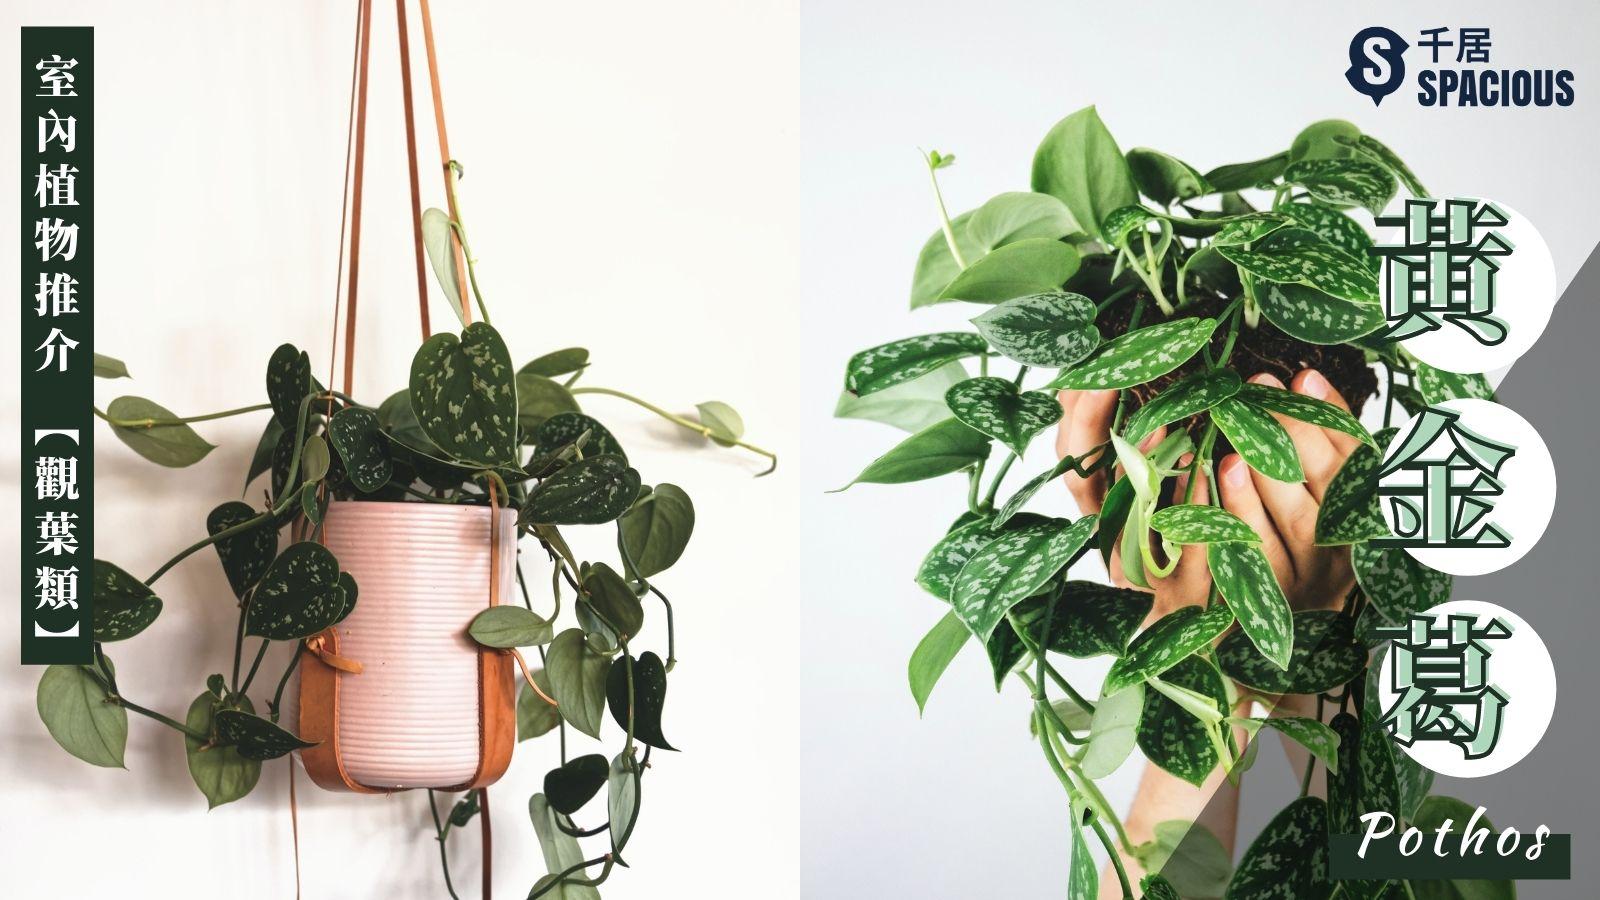 室內植物-黃金葛-Pothos